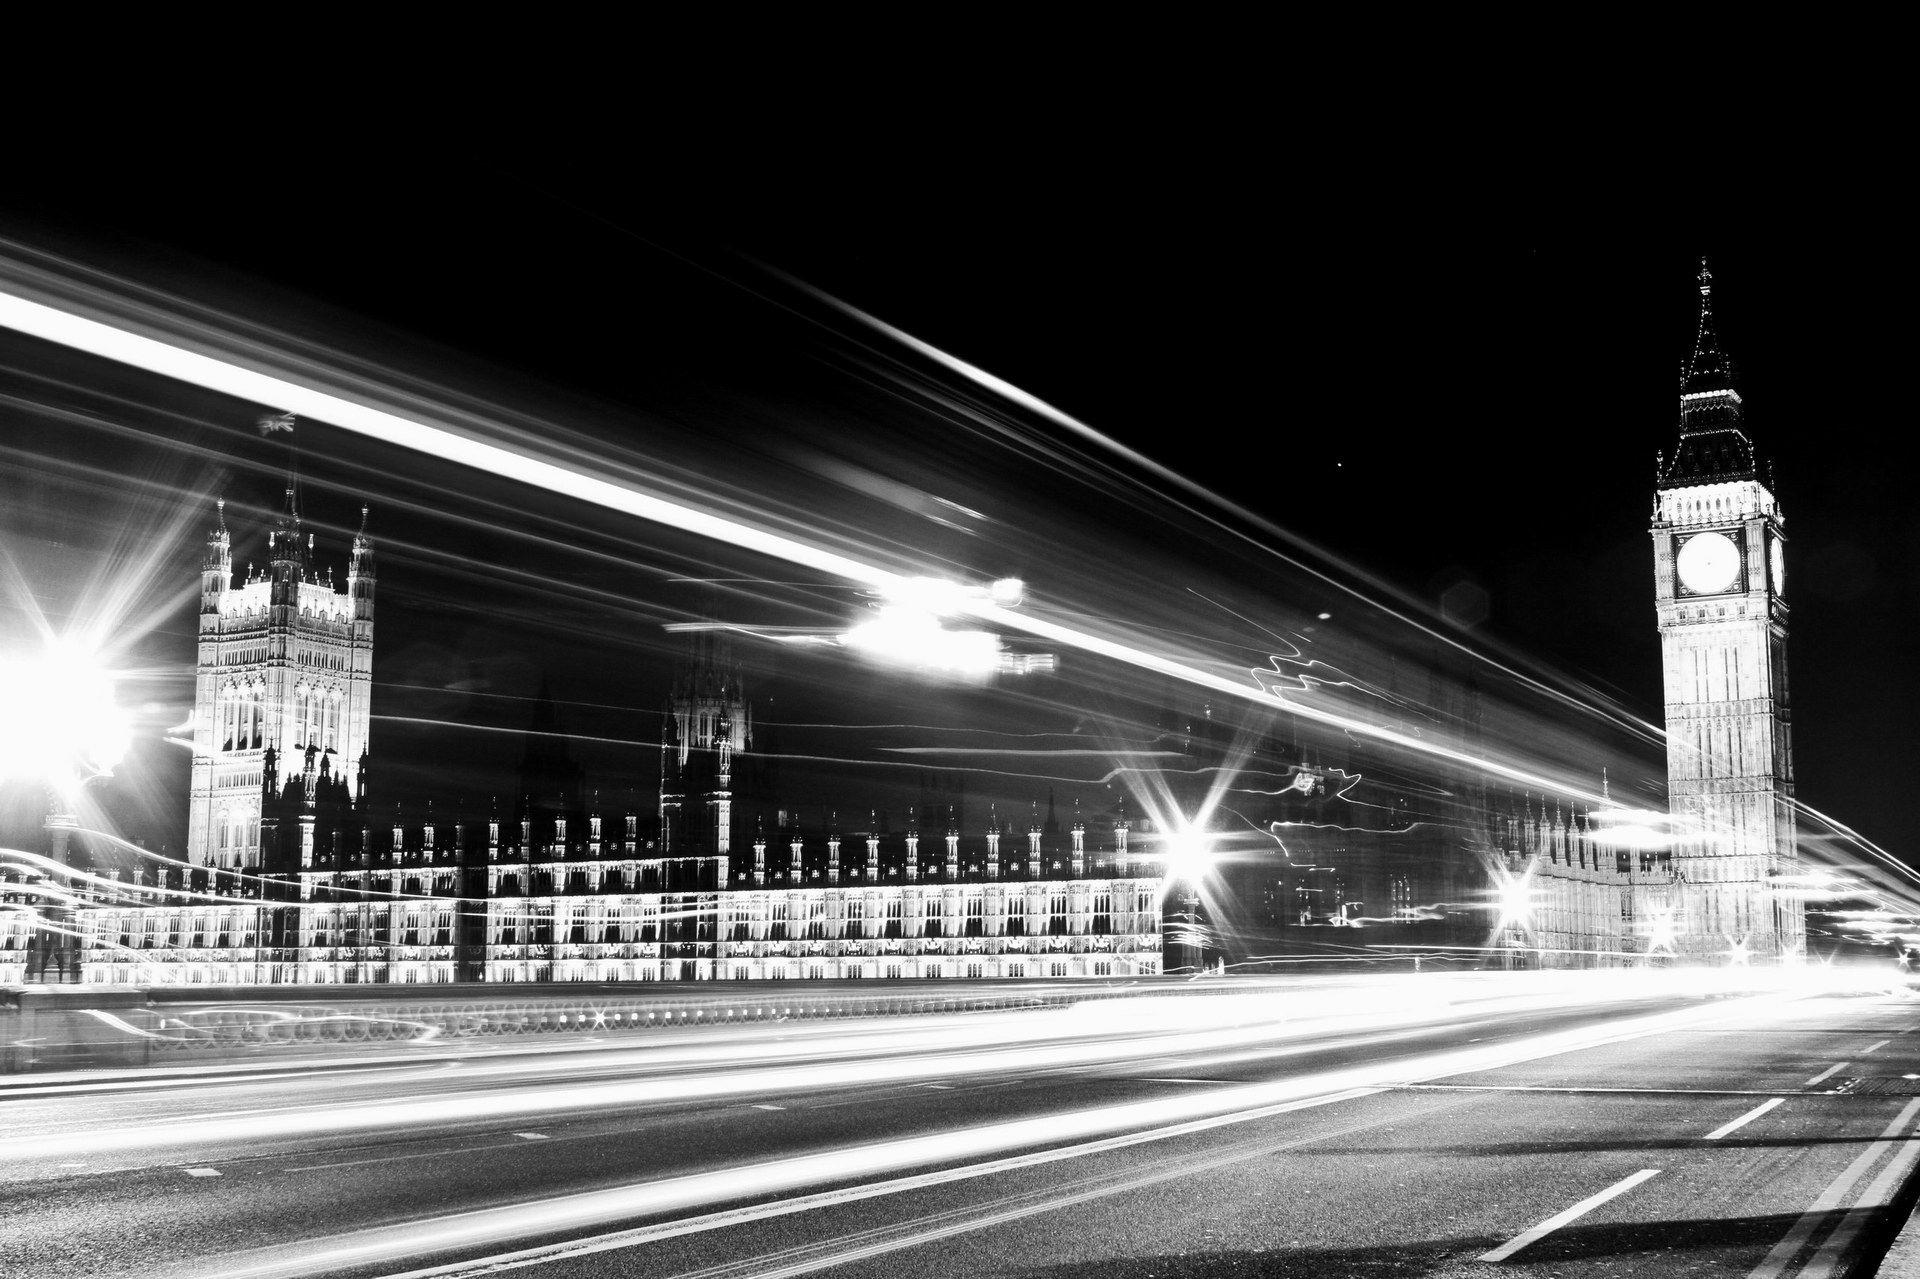 Download HD London Bridge Black And White Wallpaper